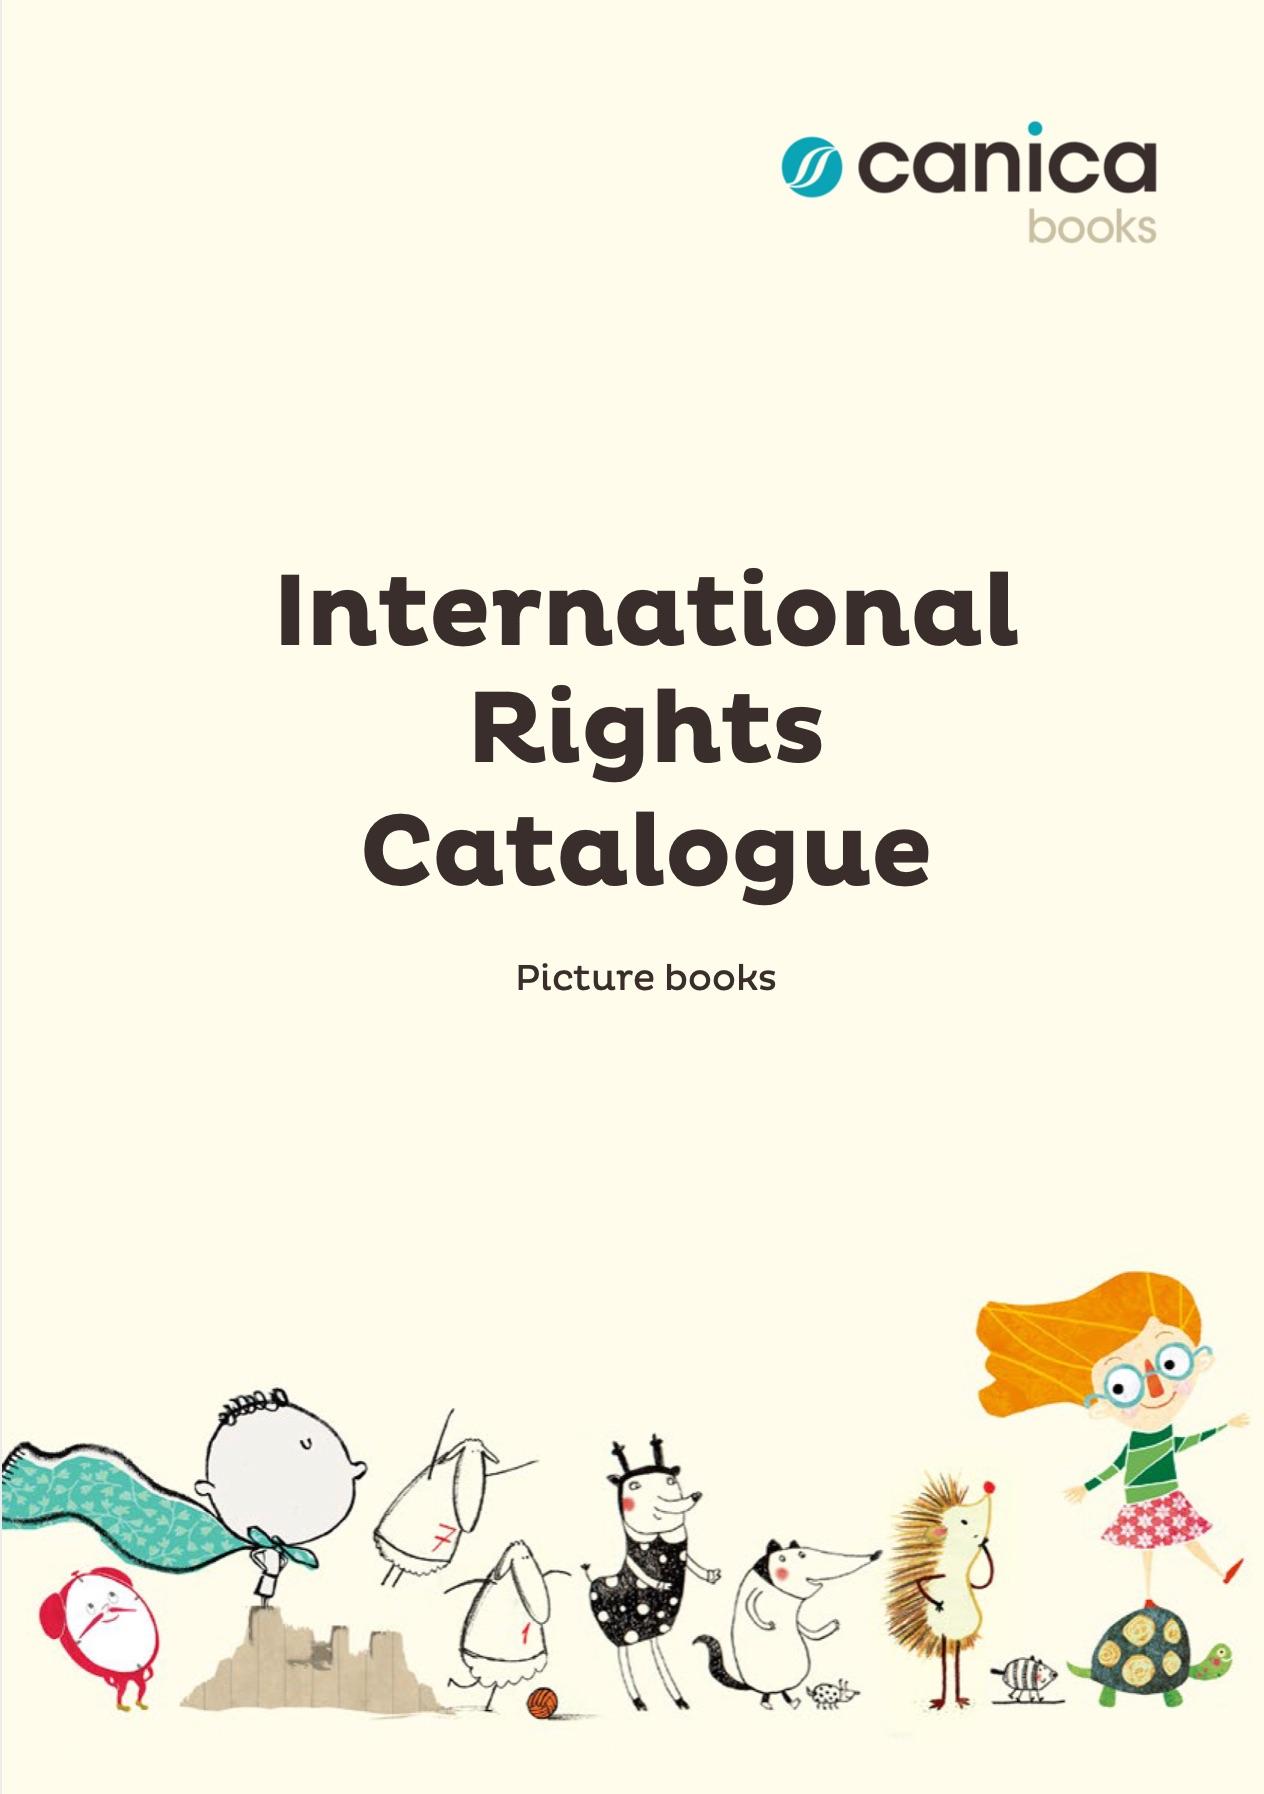 CanicaBooks_Catálogo2020_pdf__página_1_de_36_